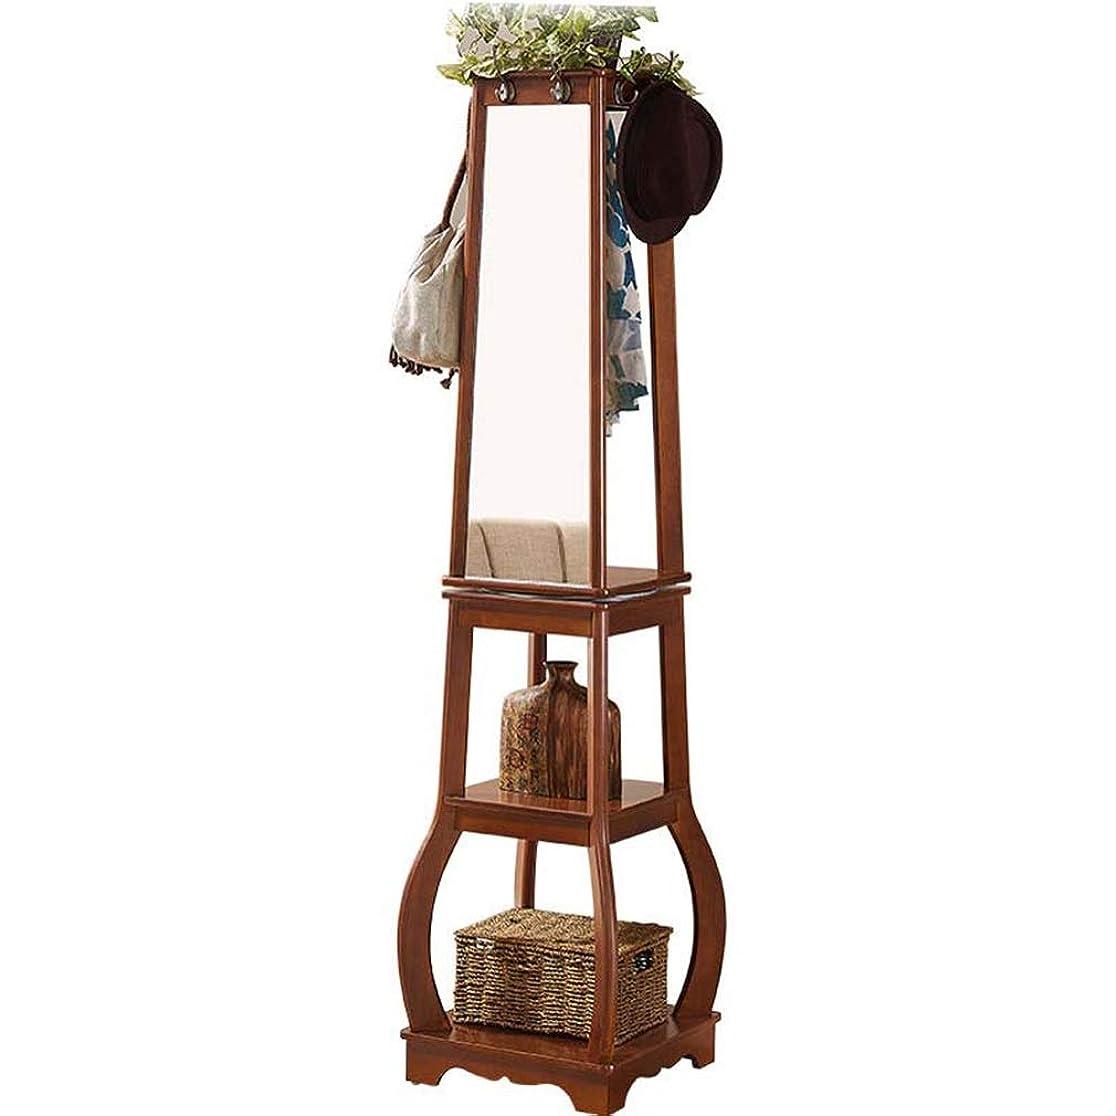 量で困惑したゴシップハンガー, 無垢材のランディング3層の棚寝室ハンギング服化粧鏡を回転させ TINGTING-ハンガーラック (Color : Brown, Size : 41*41*168.5cm)